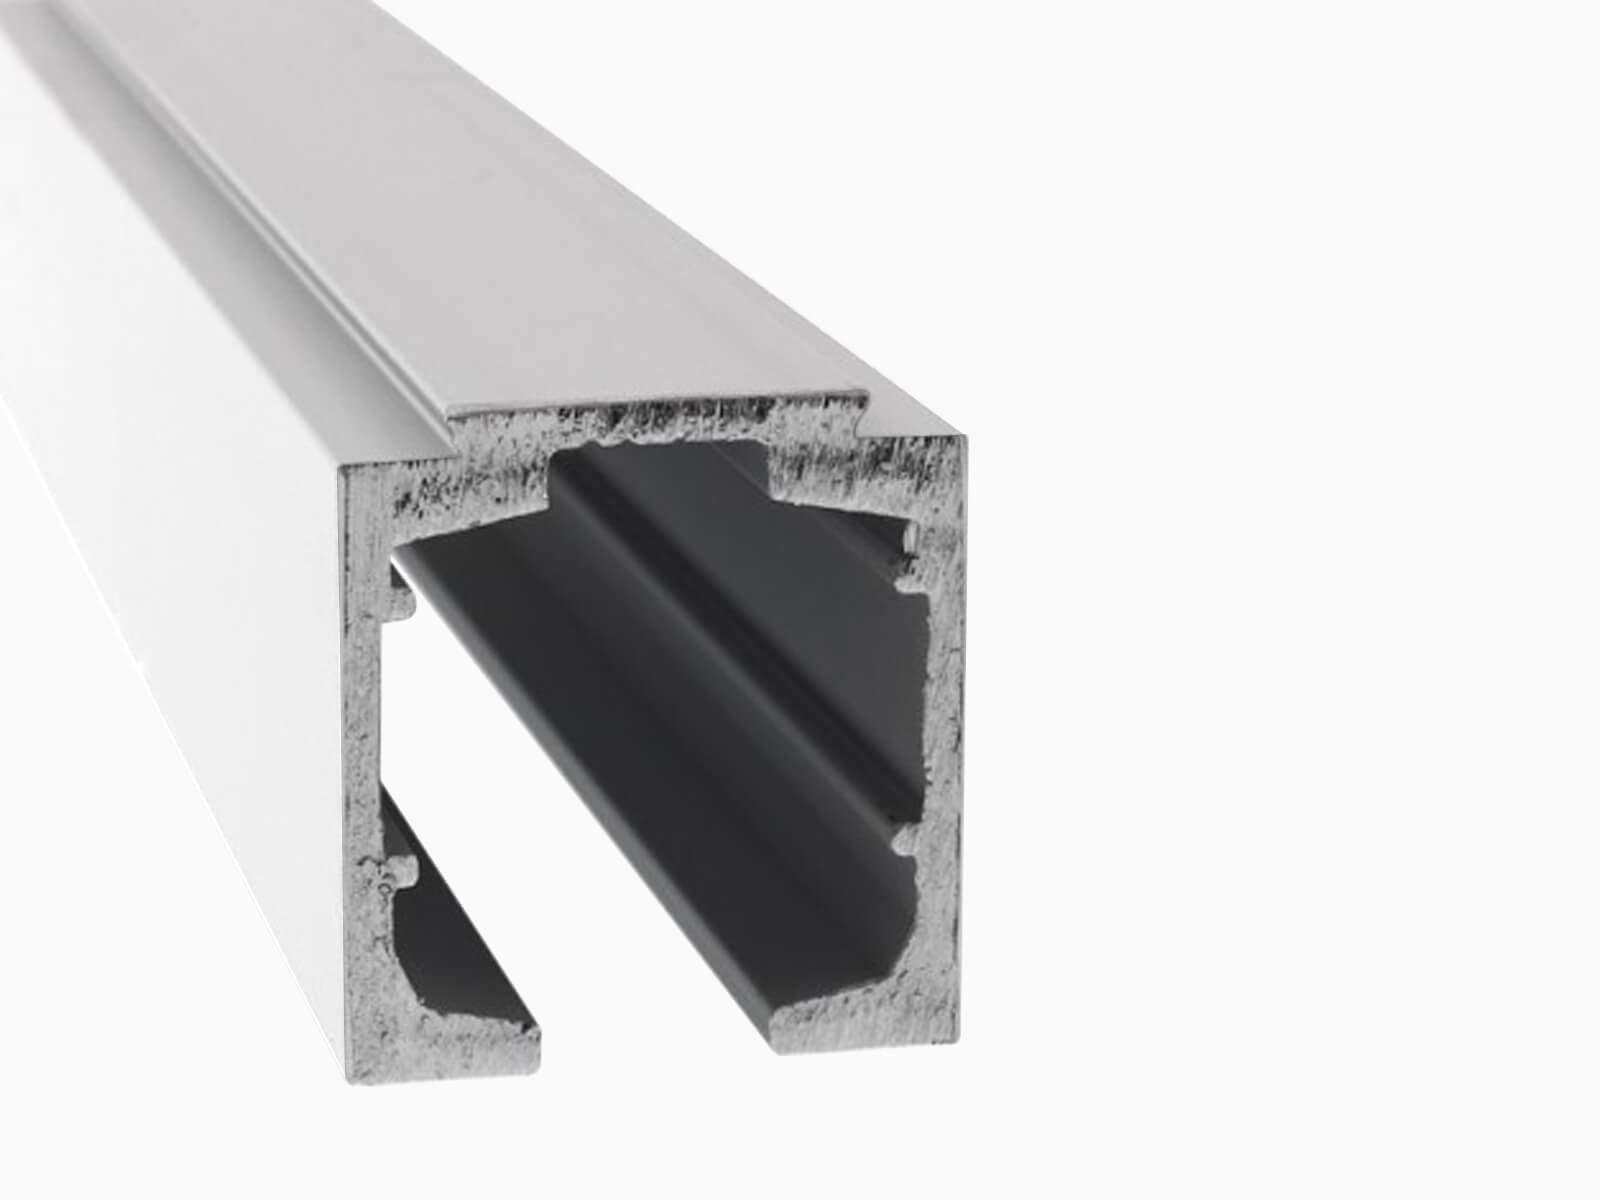 Deckenbefestigung aus Aluminium für Glasschiebetür